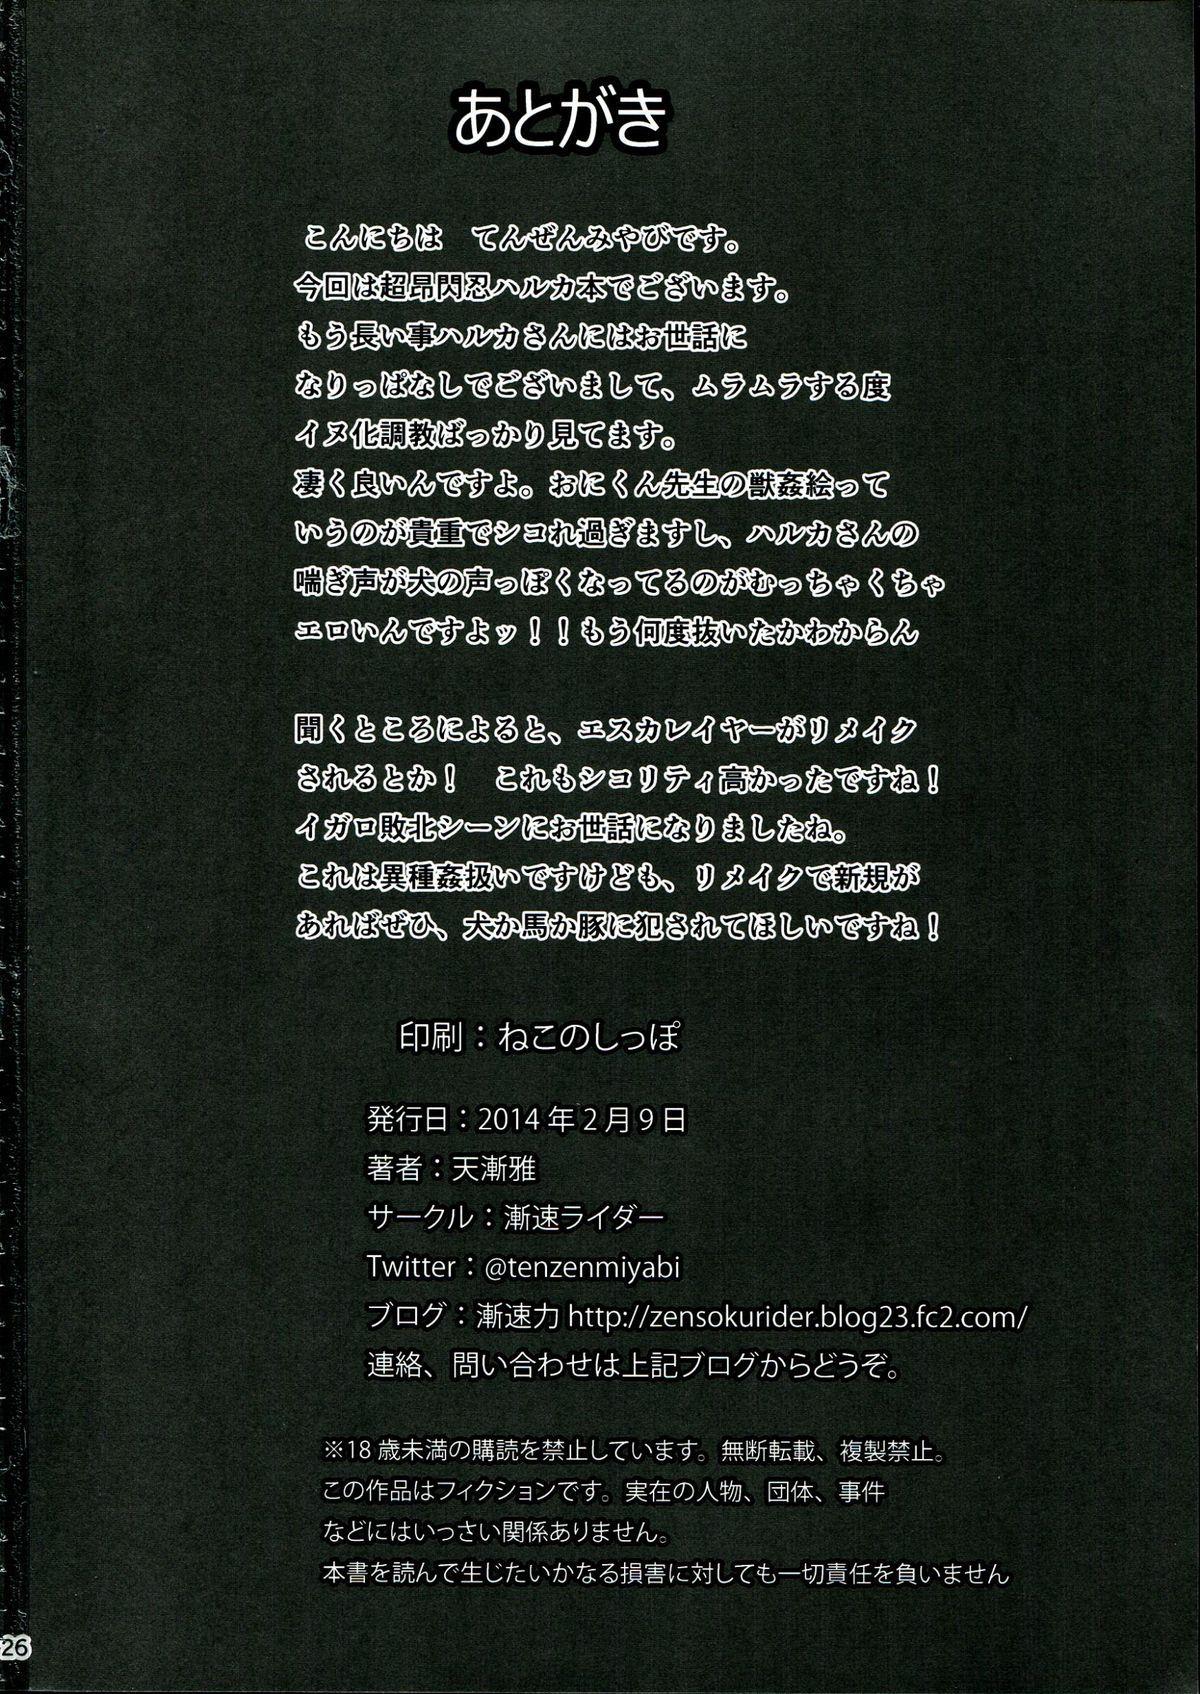 Meinu-ka Choukyou LV. MAX 25